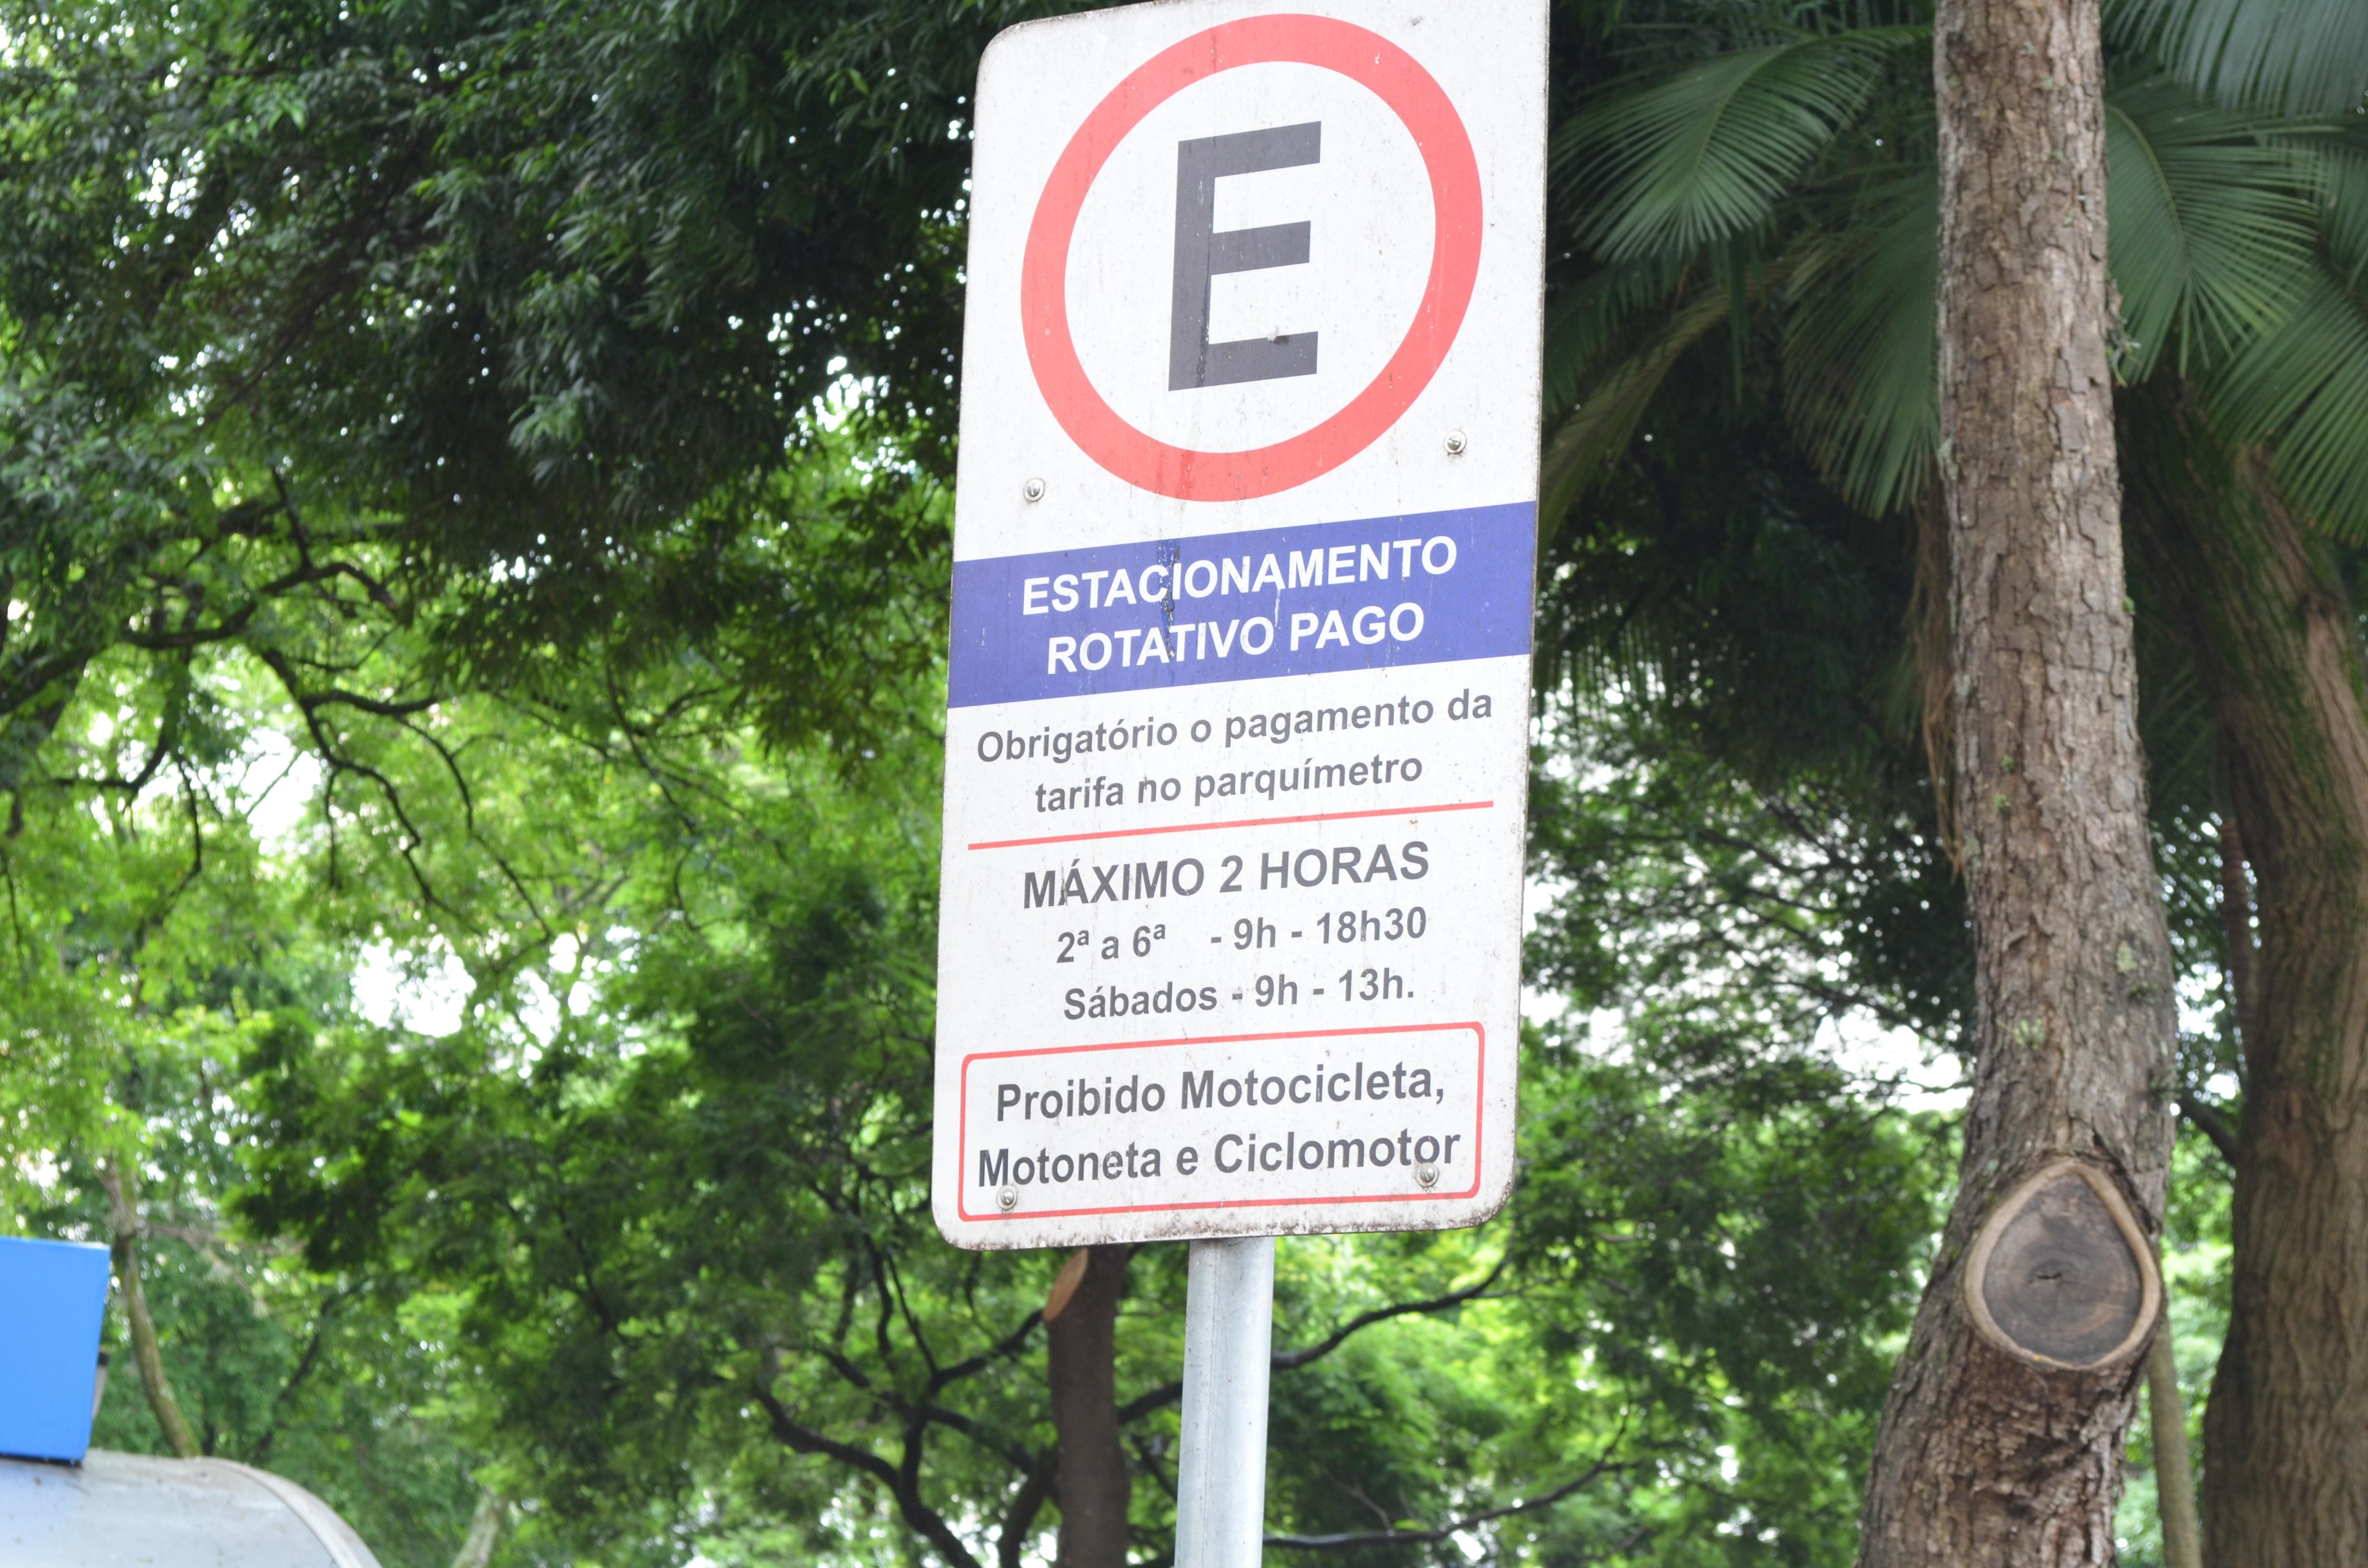 Após recomendação do MP, Prefeitura de Piracicaba rescinde contrato da zona azul